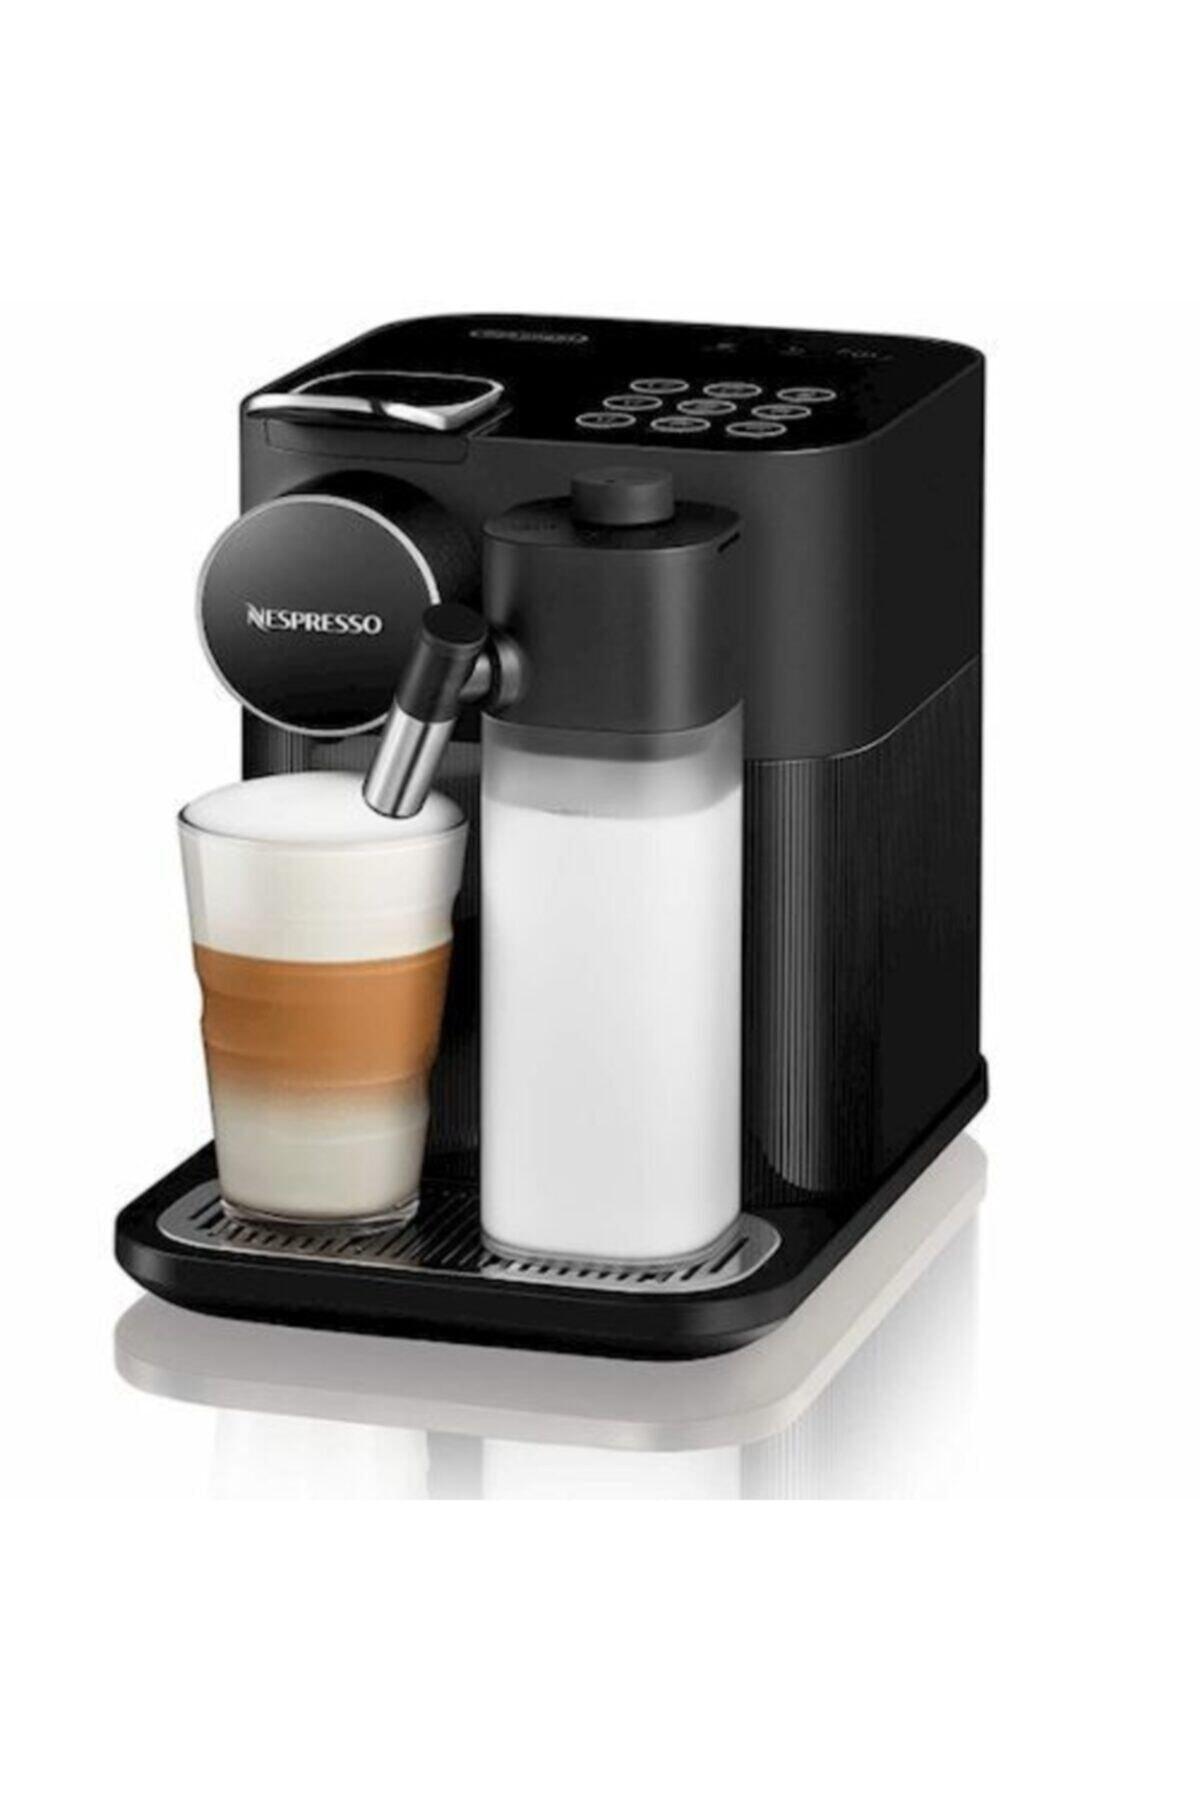 Nespresso F531 Gran Lattissima Black Kahve Makinesi Fiyatı, Yorumları -  Trendyol